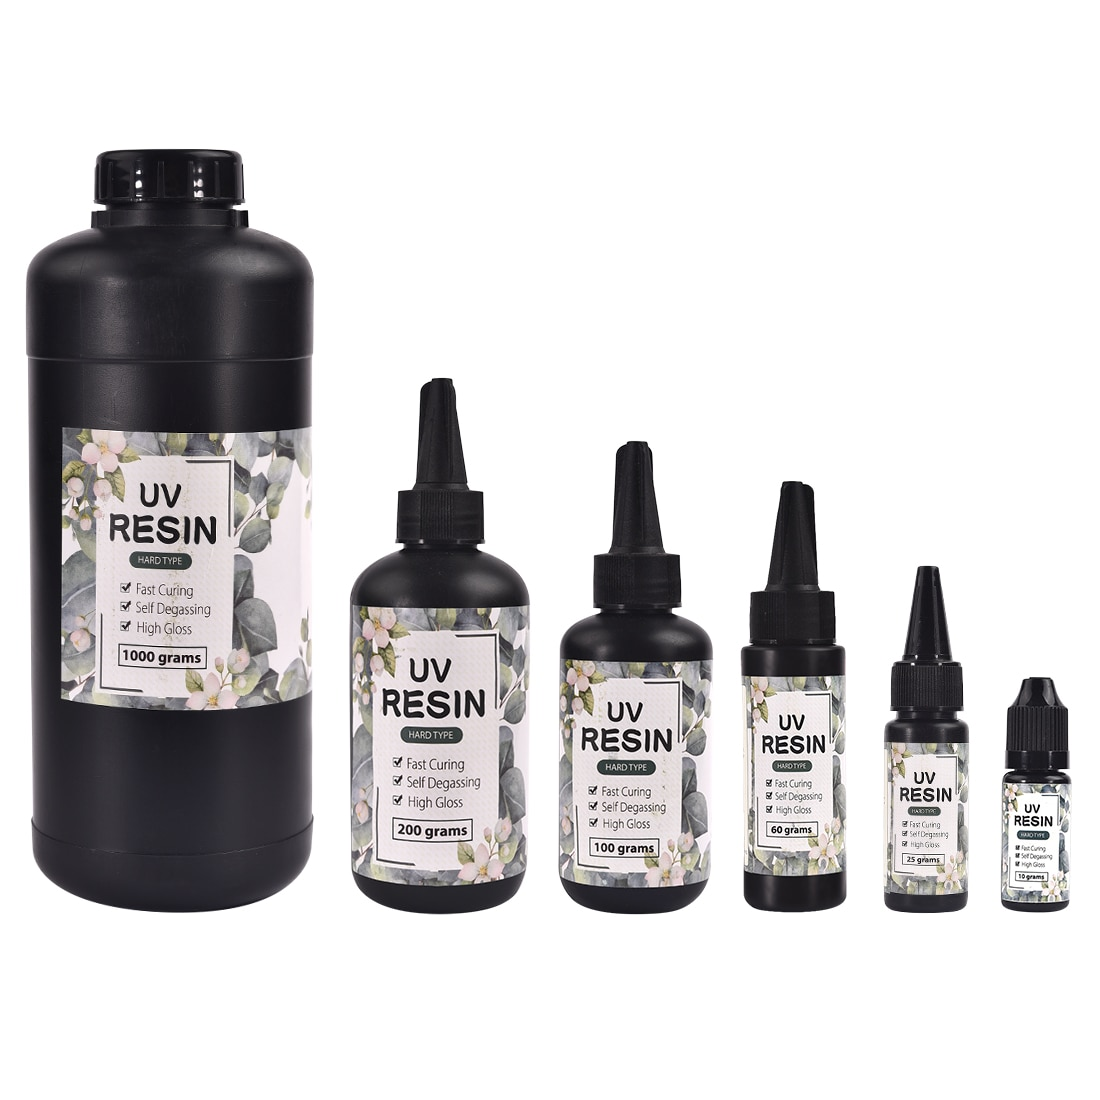 colla-per-resina-uv-10-15-25-60-100-200g-polimerizzazione-ultravioletta-cura-solare-luce-solare-attivata-duro-fai-da-te-asciugatura-rapida-per-gel-di-resina-per-gioielli